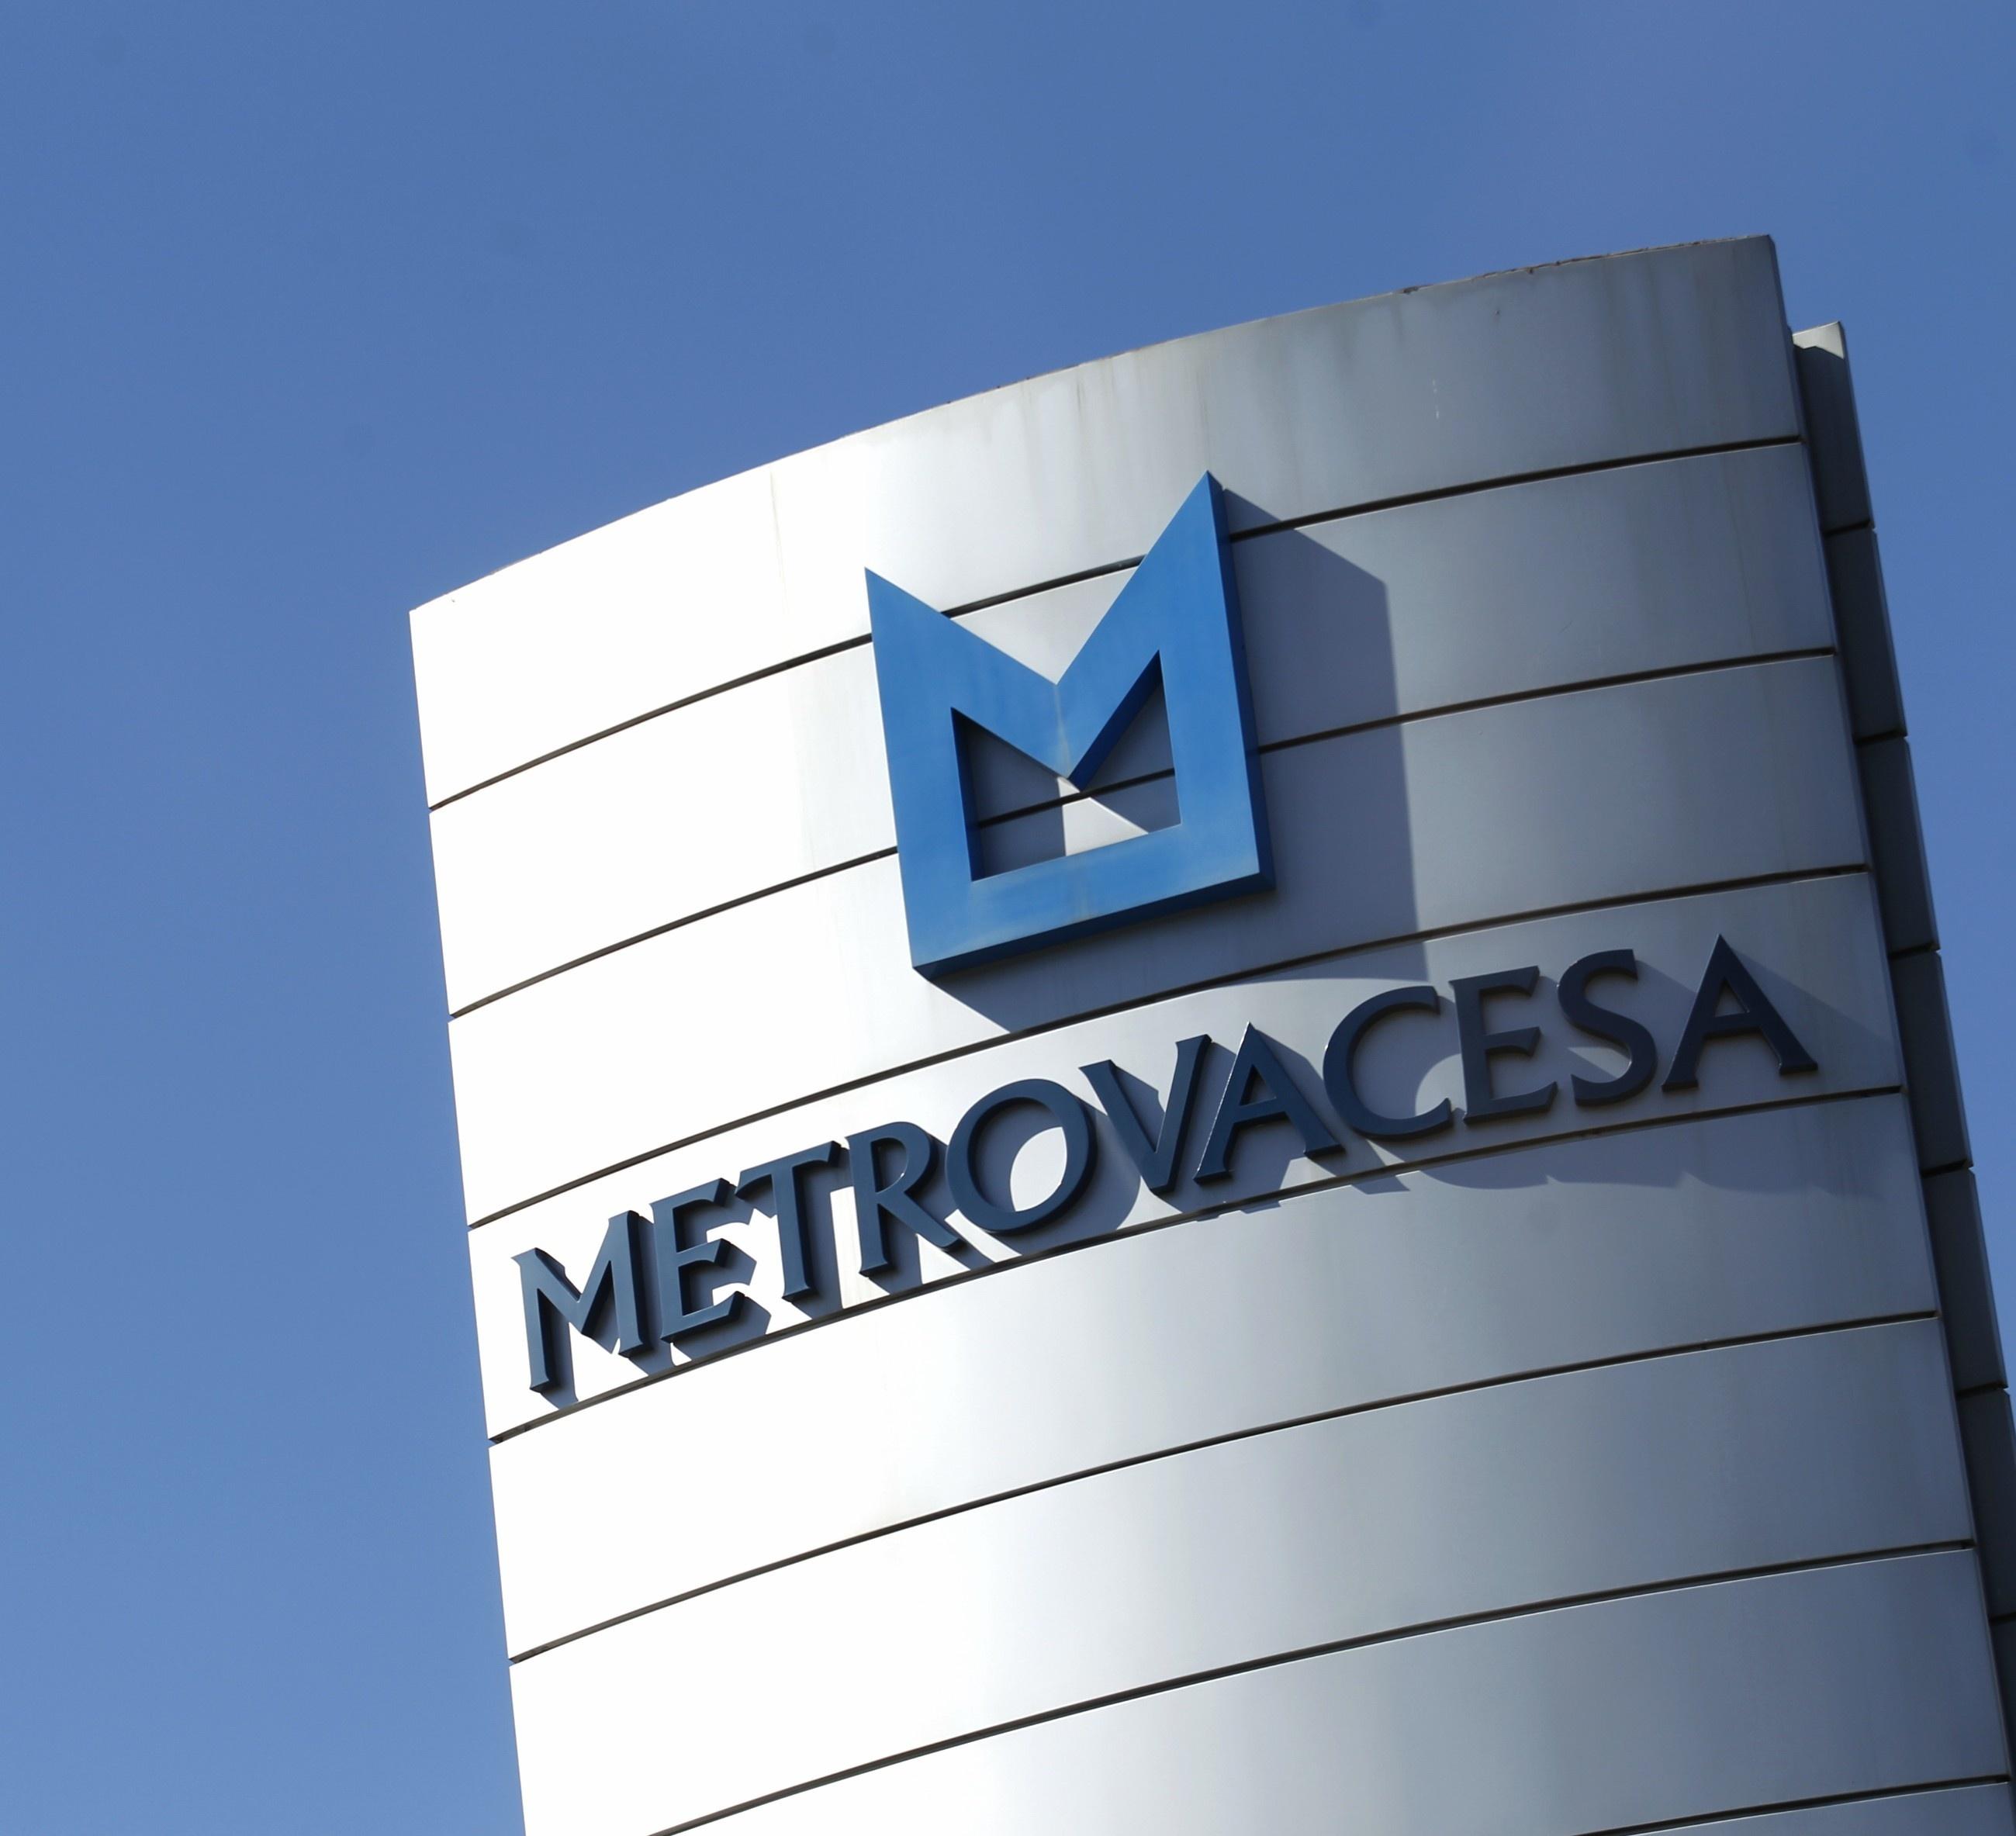 Metrovacesa estudia vender su participación del 26,76% en Gecina